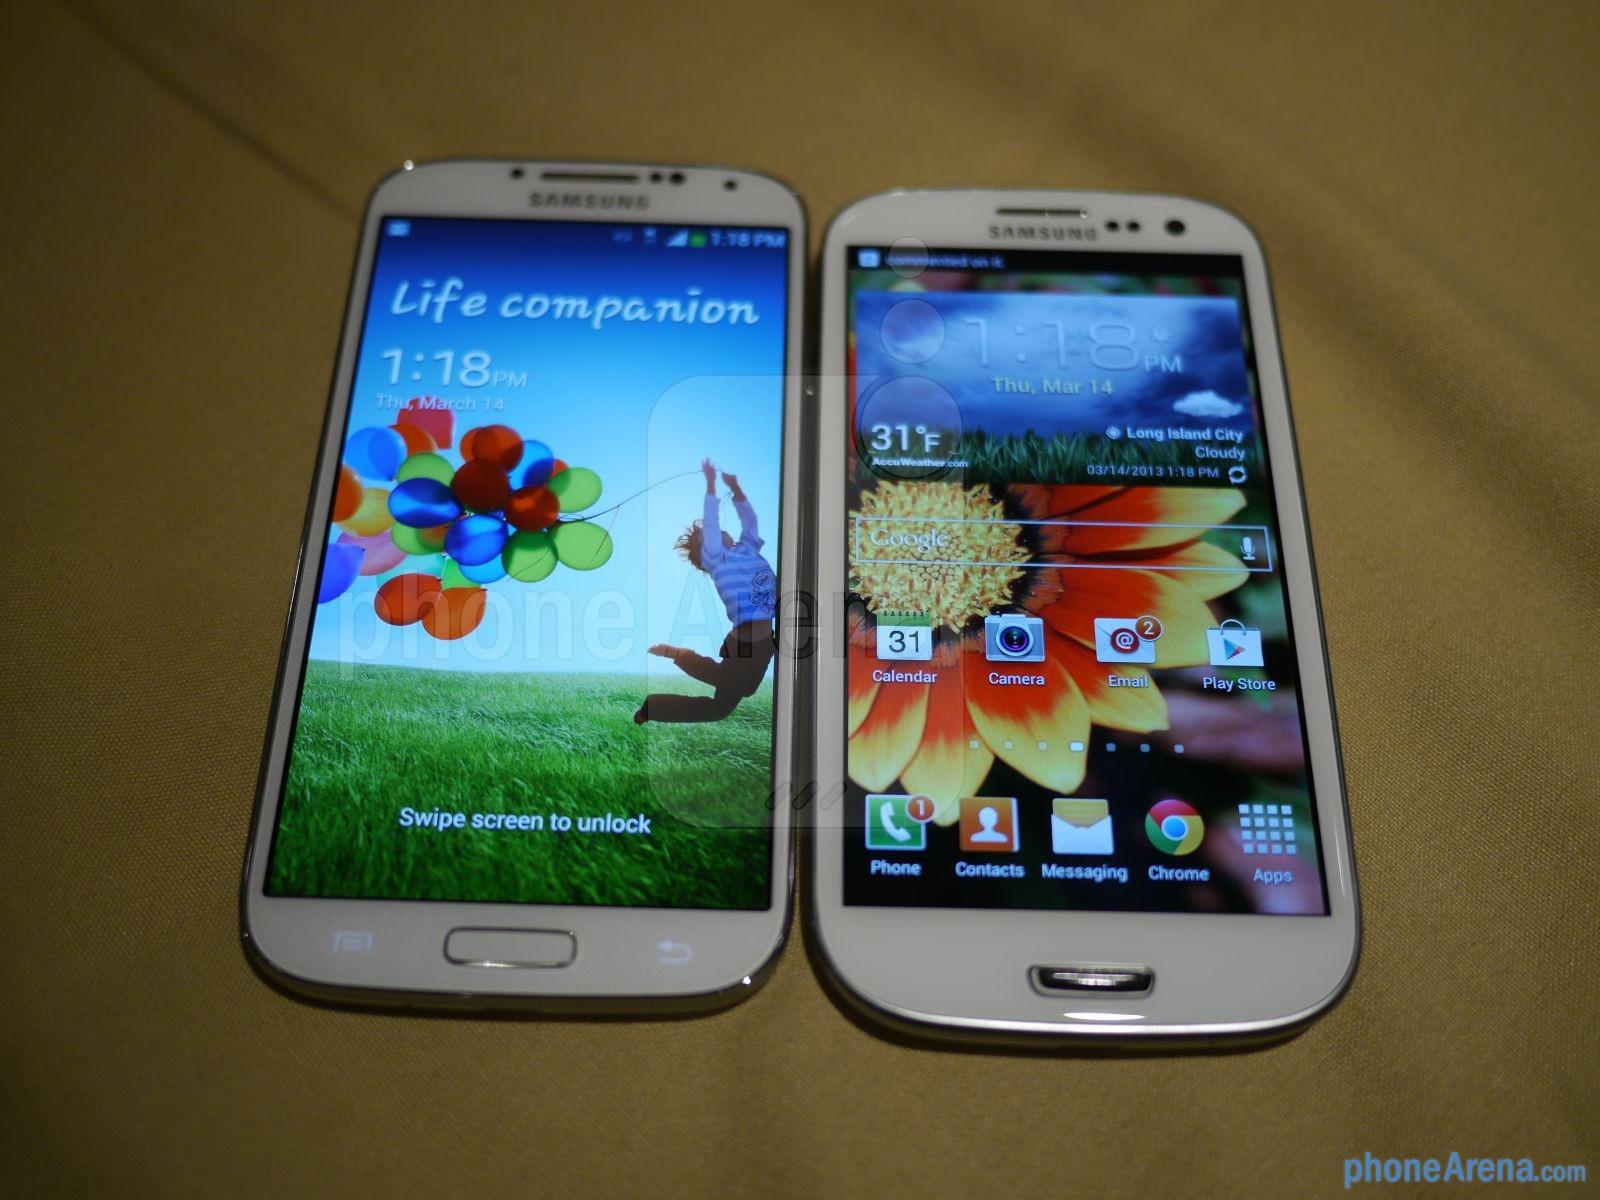 Hình ảnh So sánh cấu hình Galaxy S4 và Galaxy S3 số 2